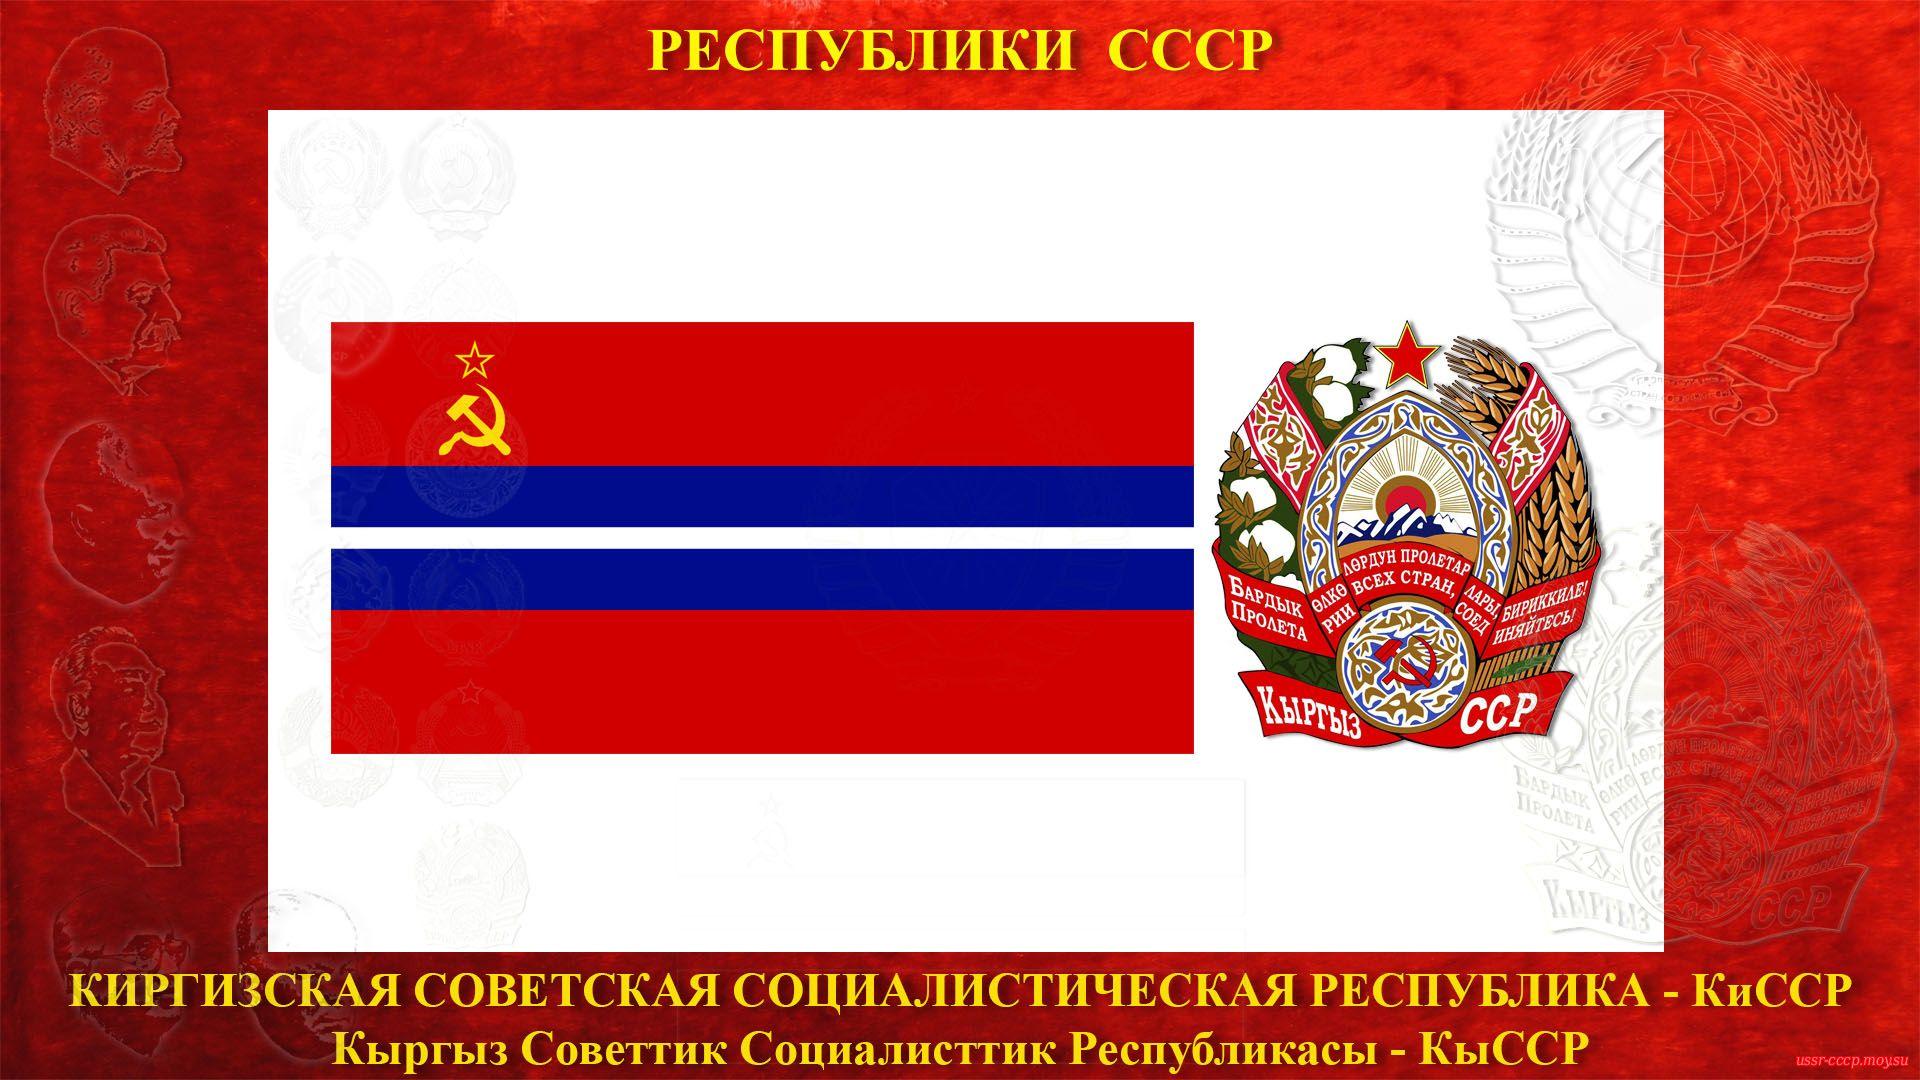 КиССР — Киргизская Советская Социалистическая Республика (05.12.1936 — де-юре)